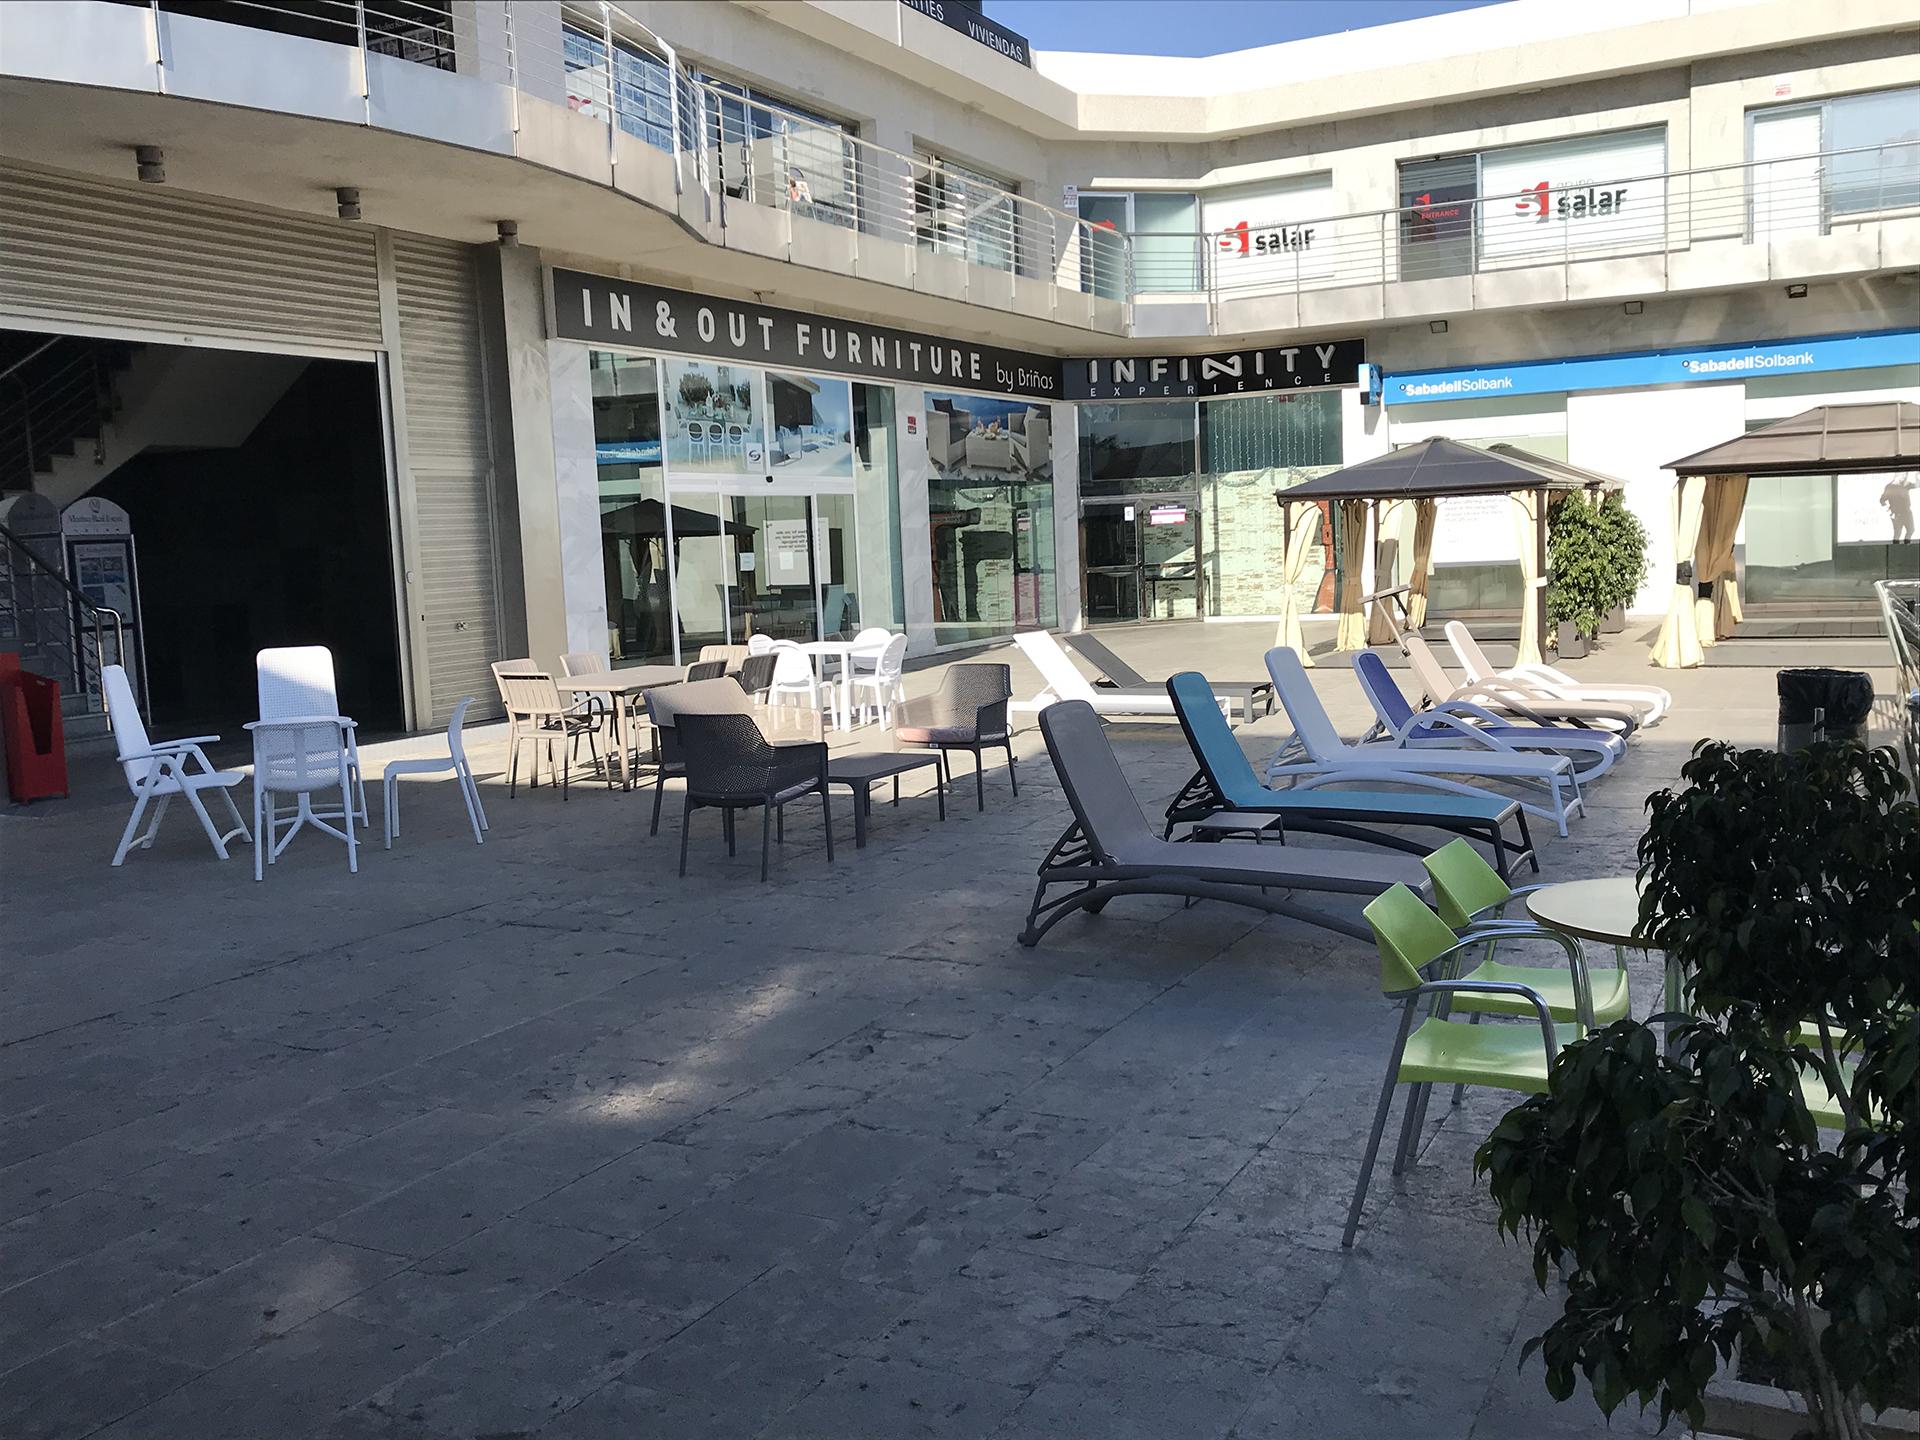 Tienda de muebles en torrevieja orihuela costa muebles j bri as - Tienda de muebles en cartagena ...